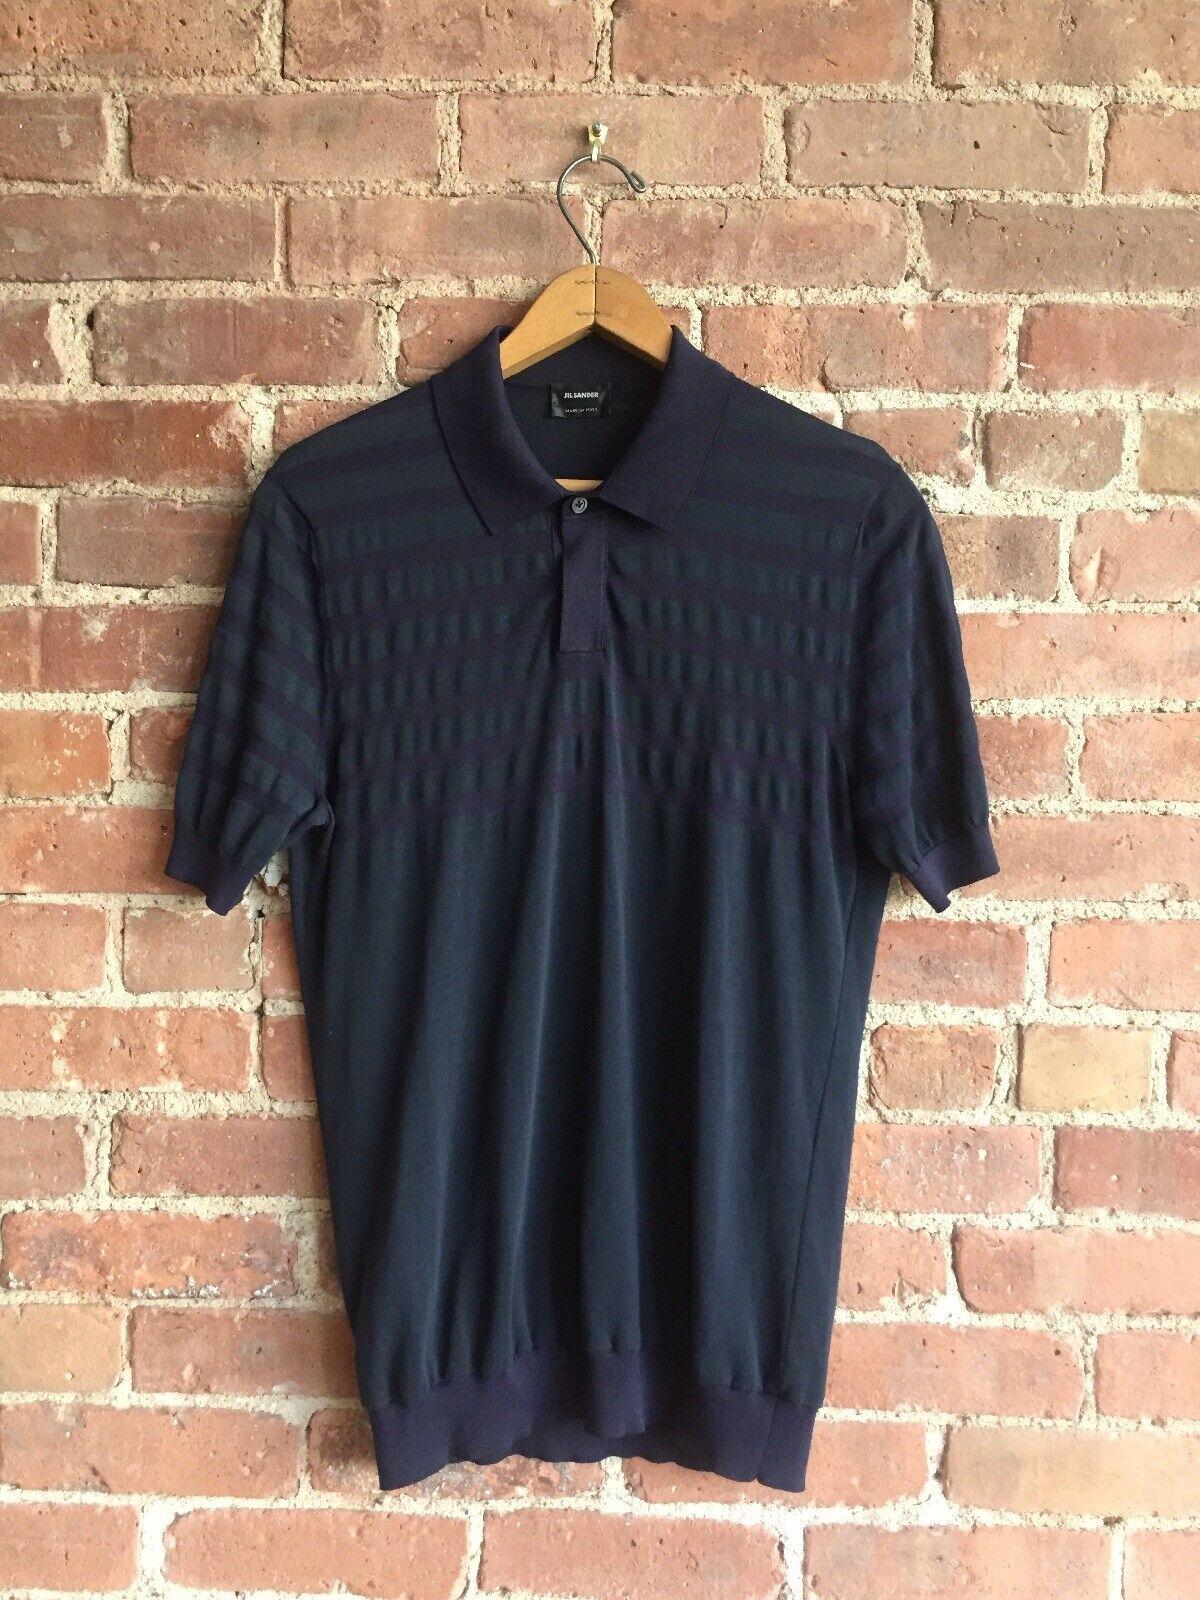 Jil Sander Men's Polo Sz M , bluee On bluee Stripe Knit